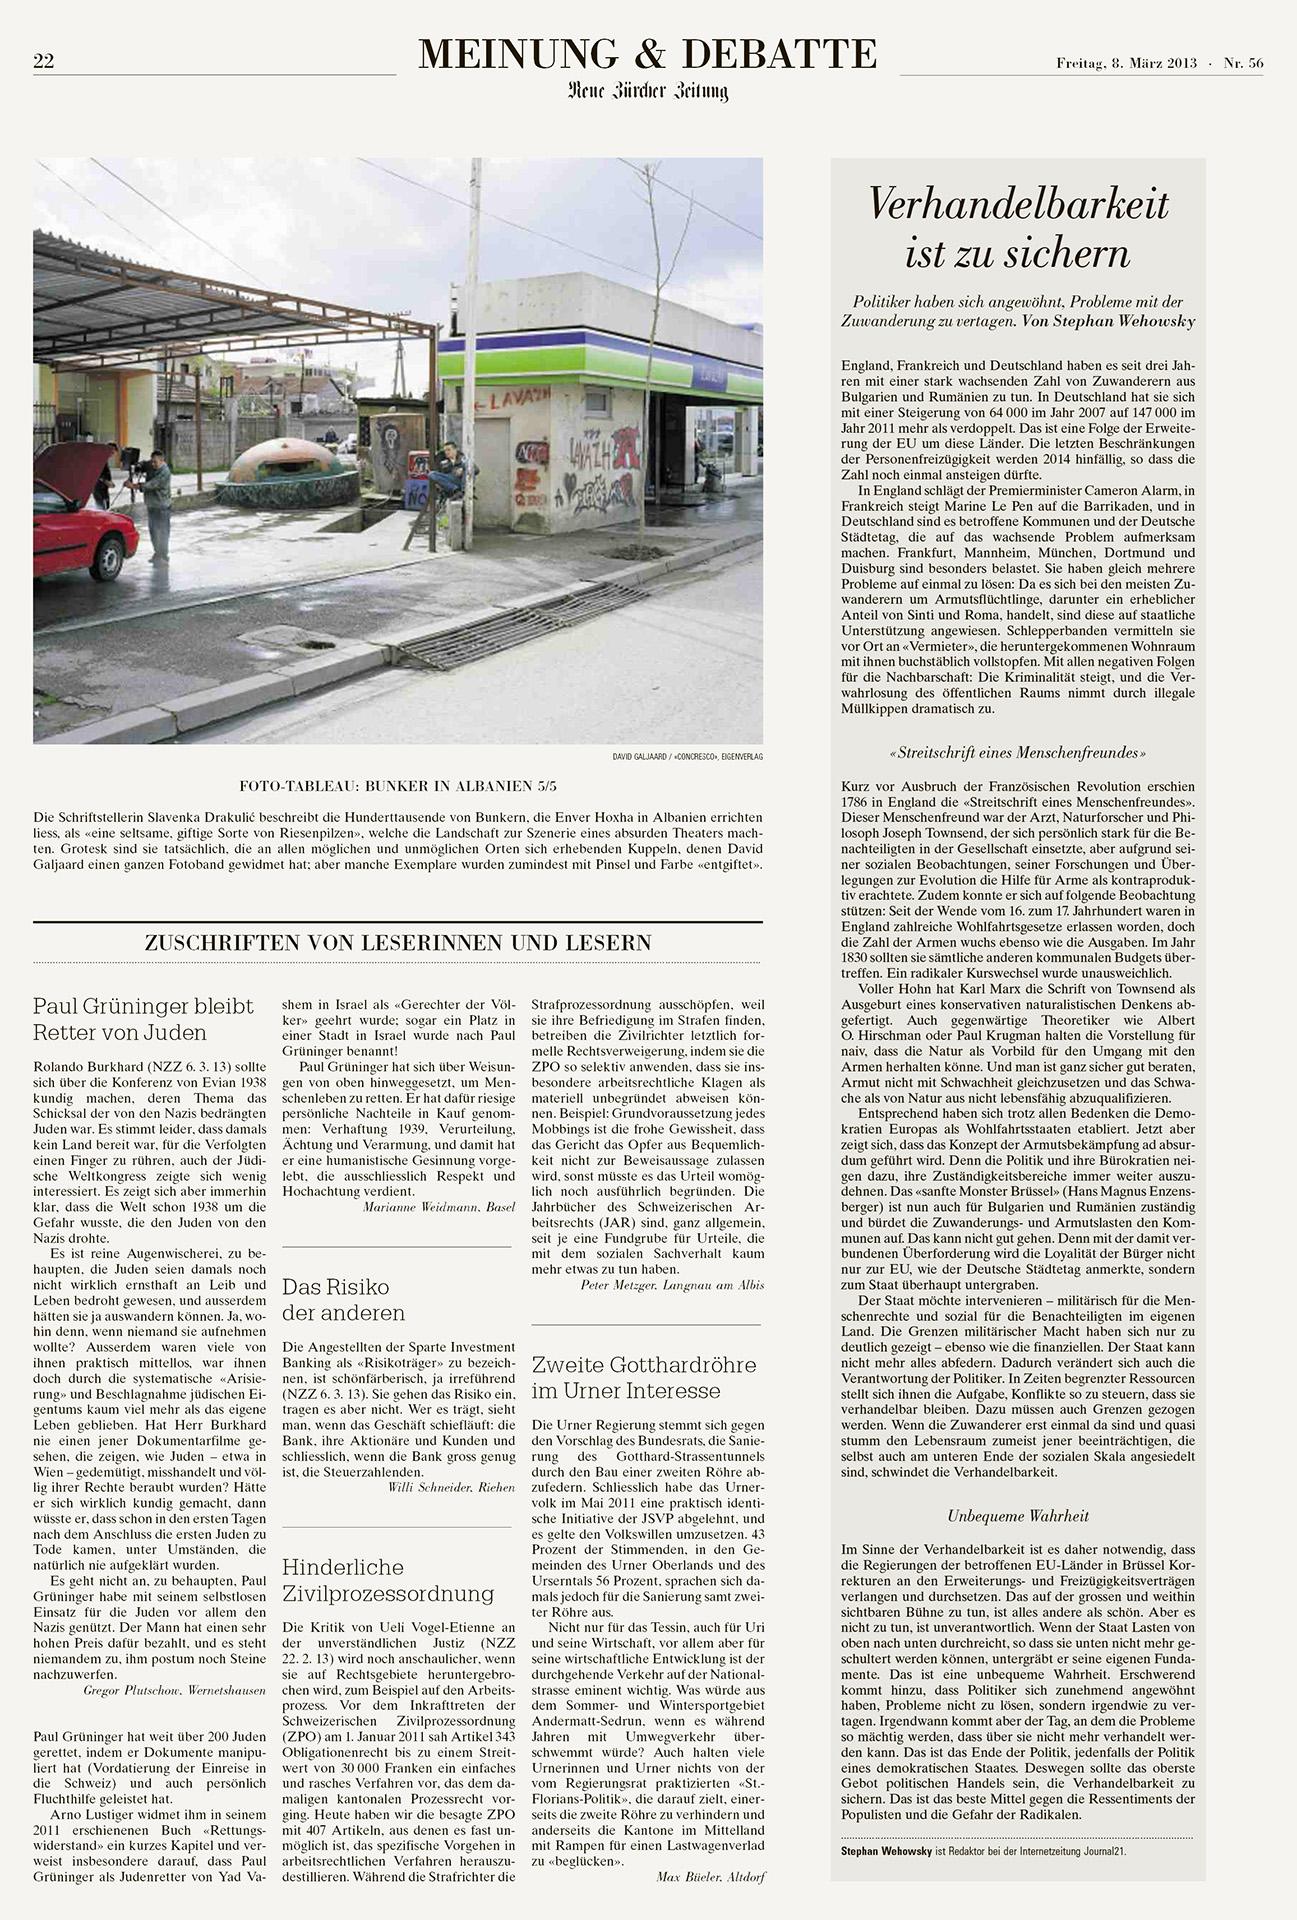 Neue Zurcher Zeitung - Meinung & Debate - Concresco - David Galj